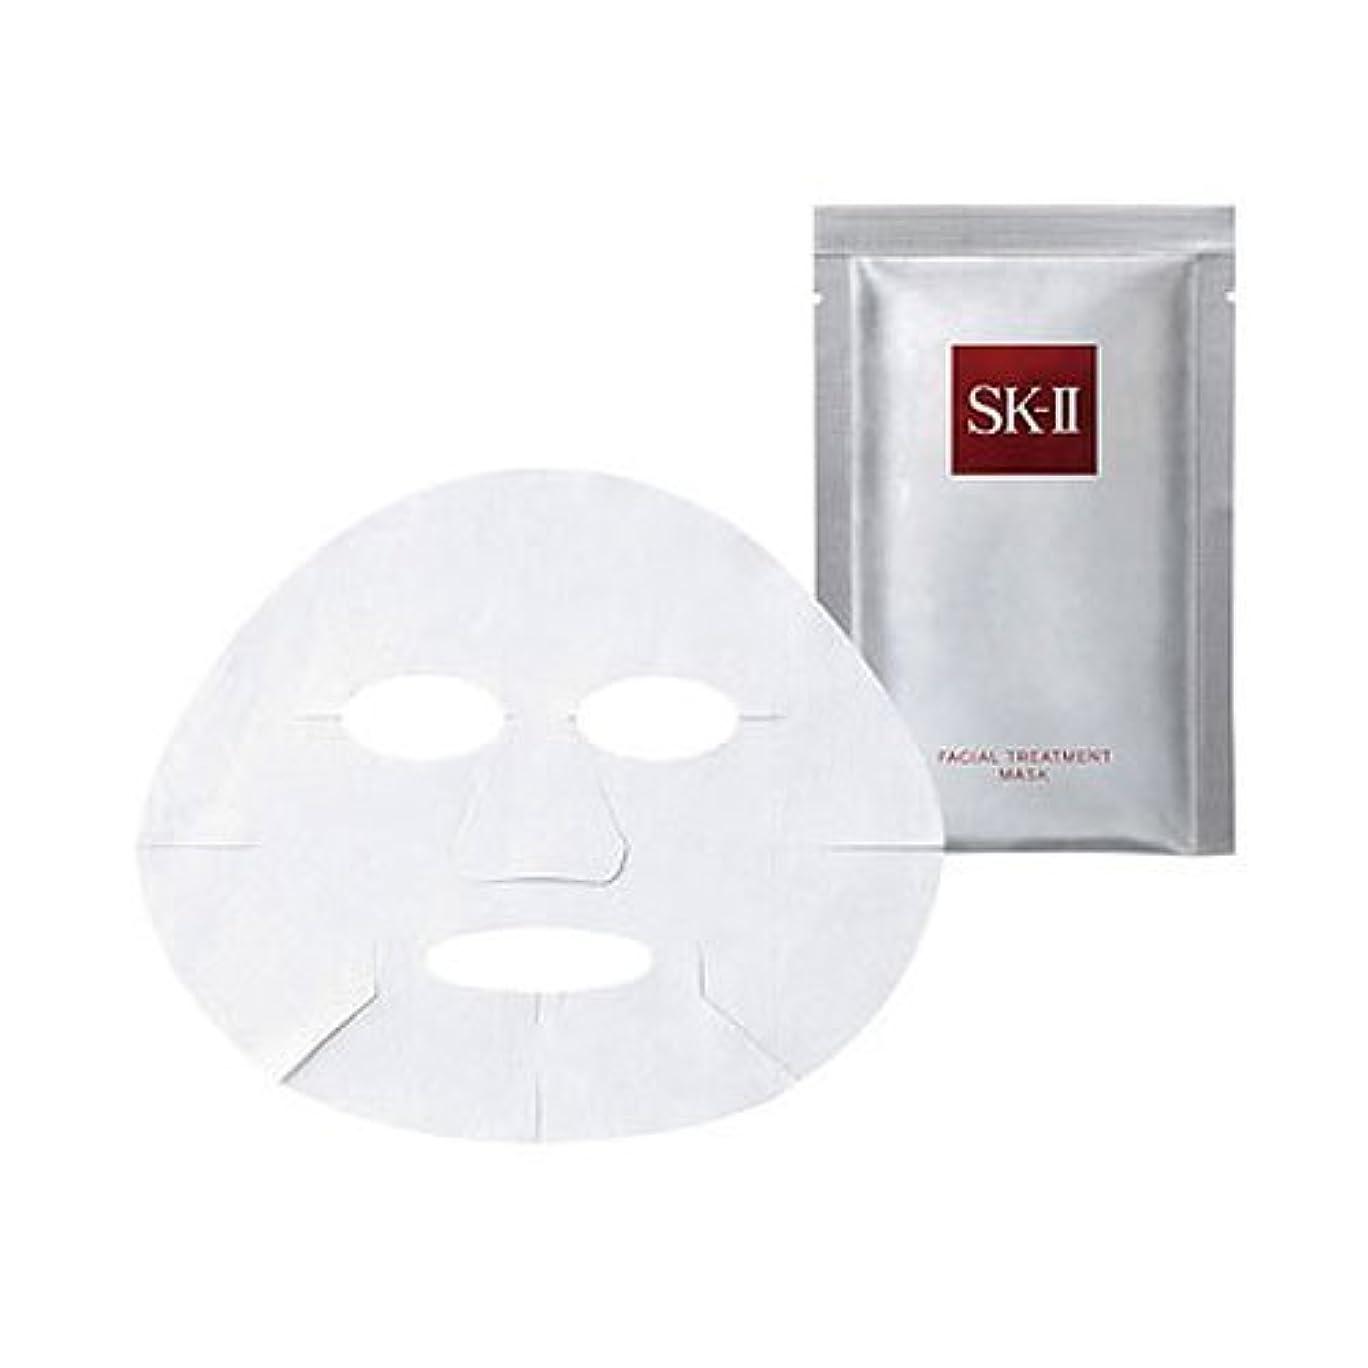 石炭進化する太鼓腹SK2(エスケーツー) フェイシャルトリートメント マスク 1枚(1ピース)